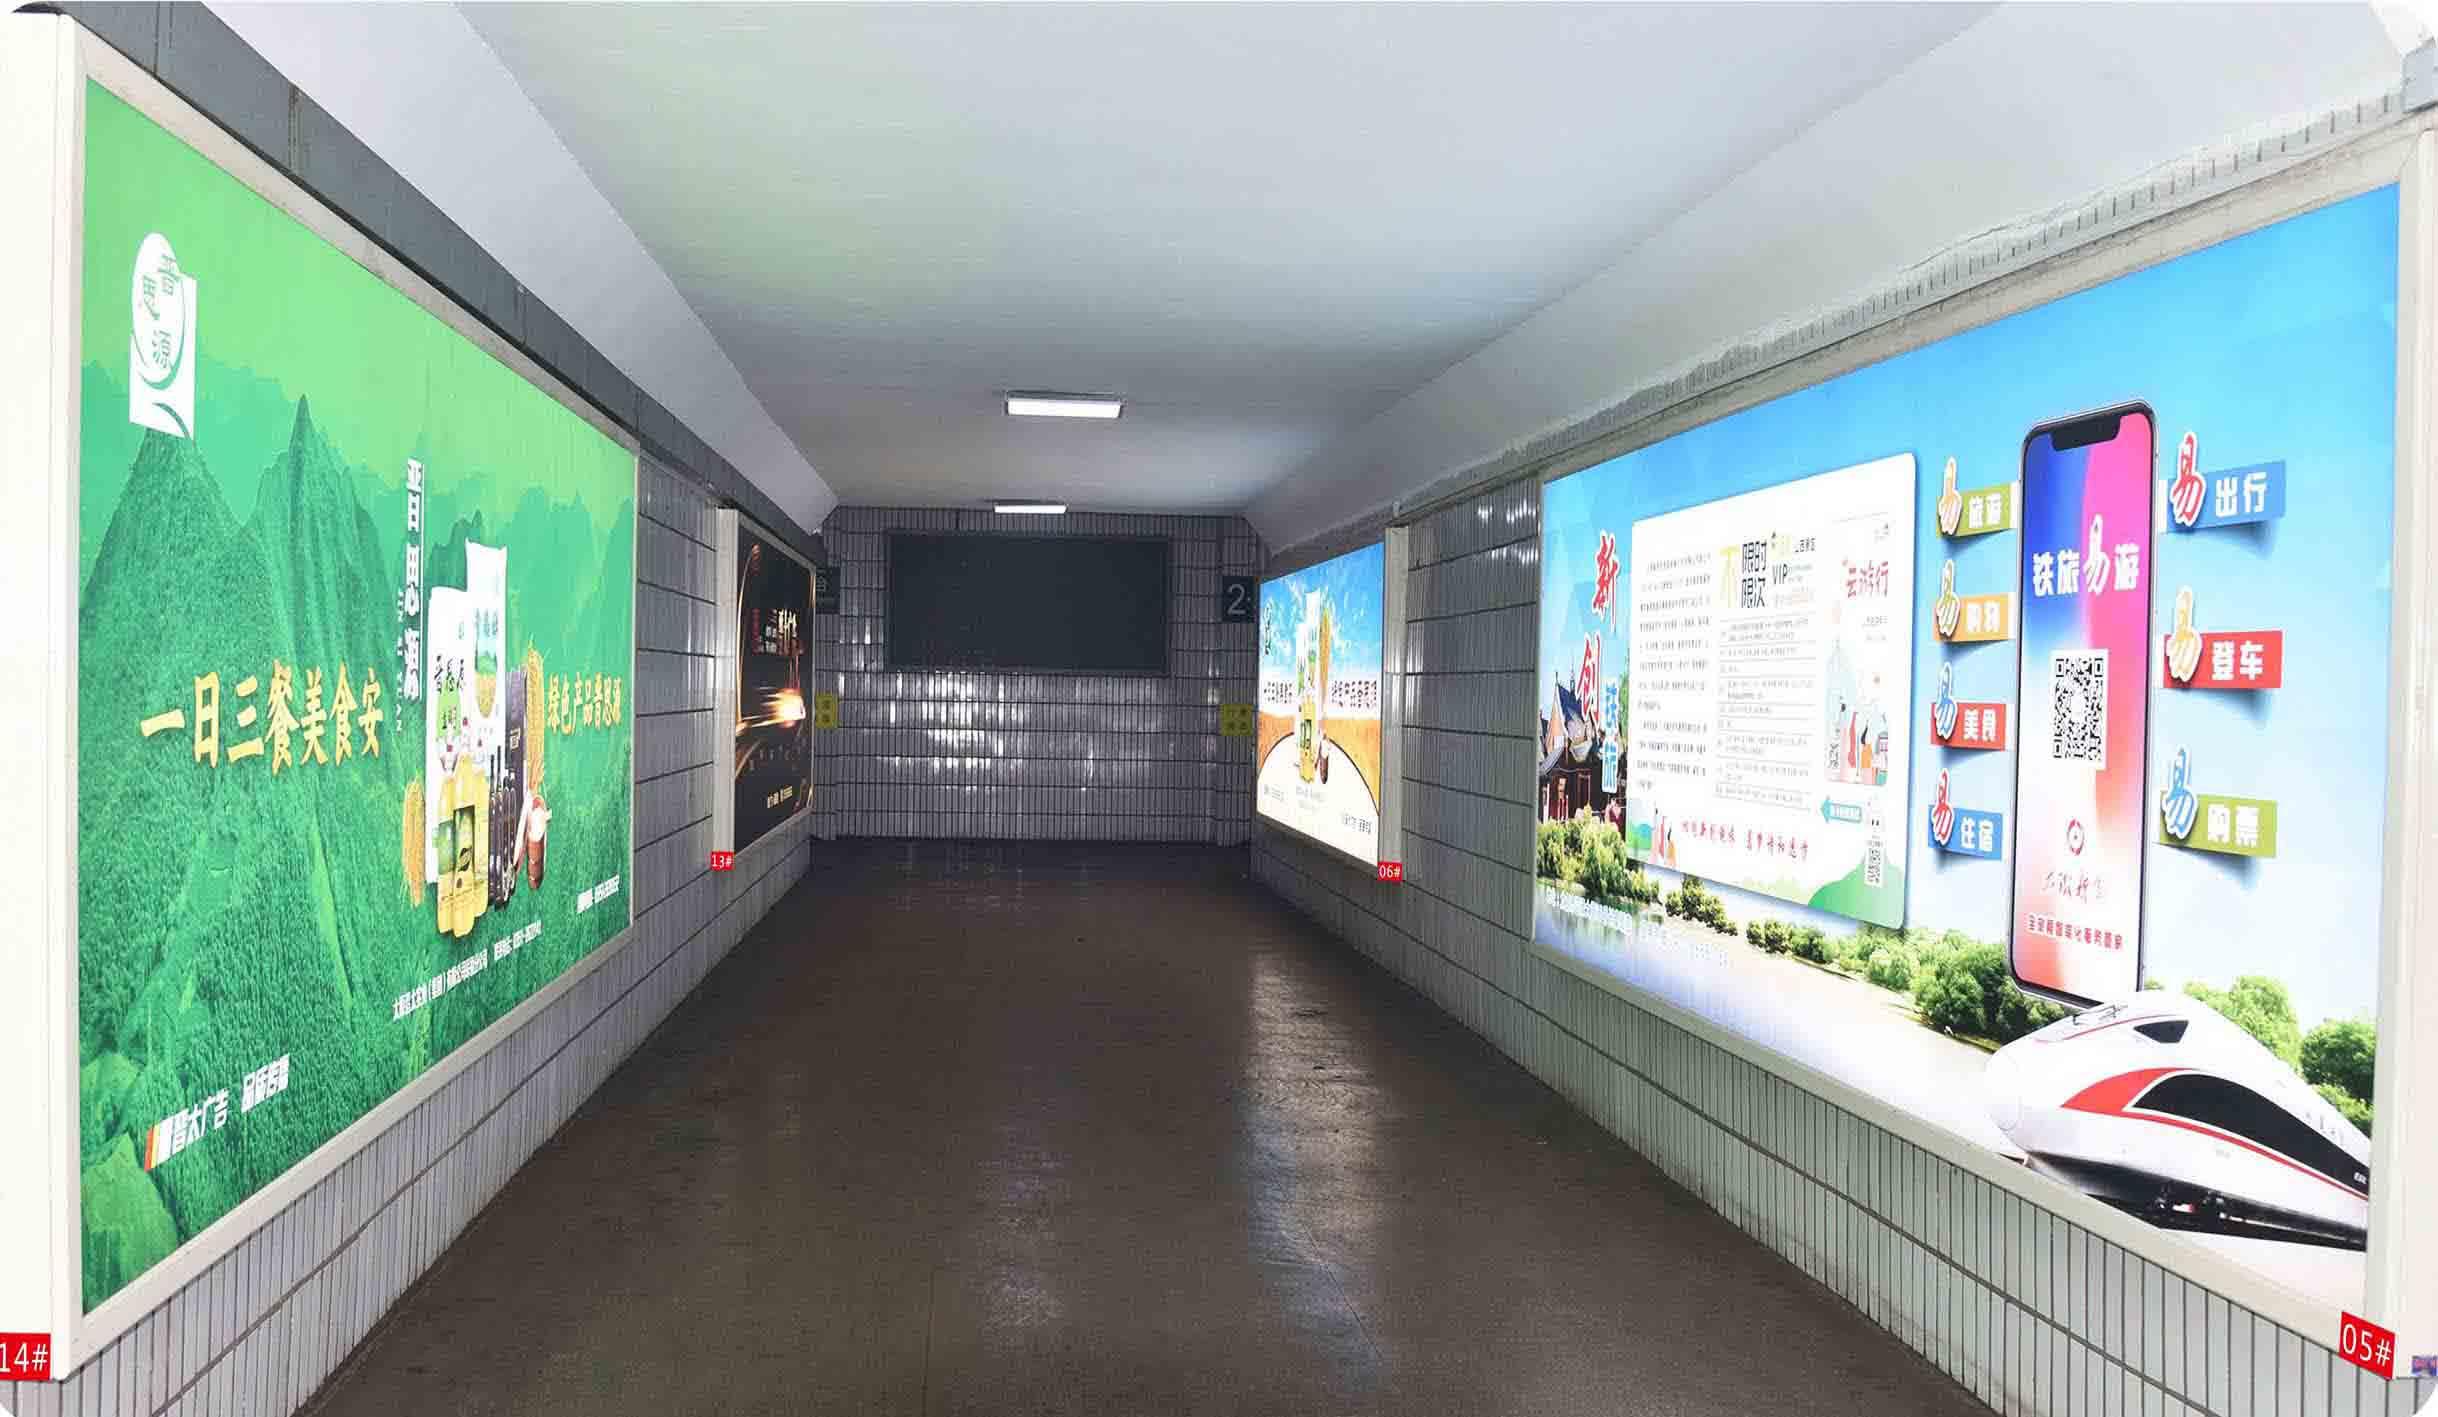 介休火车站进出站通道内灯箱广告5#、6#、13#、14#